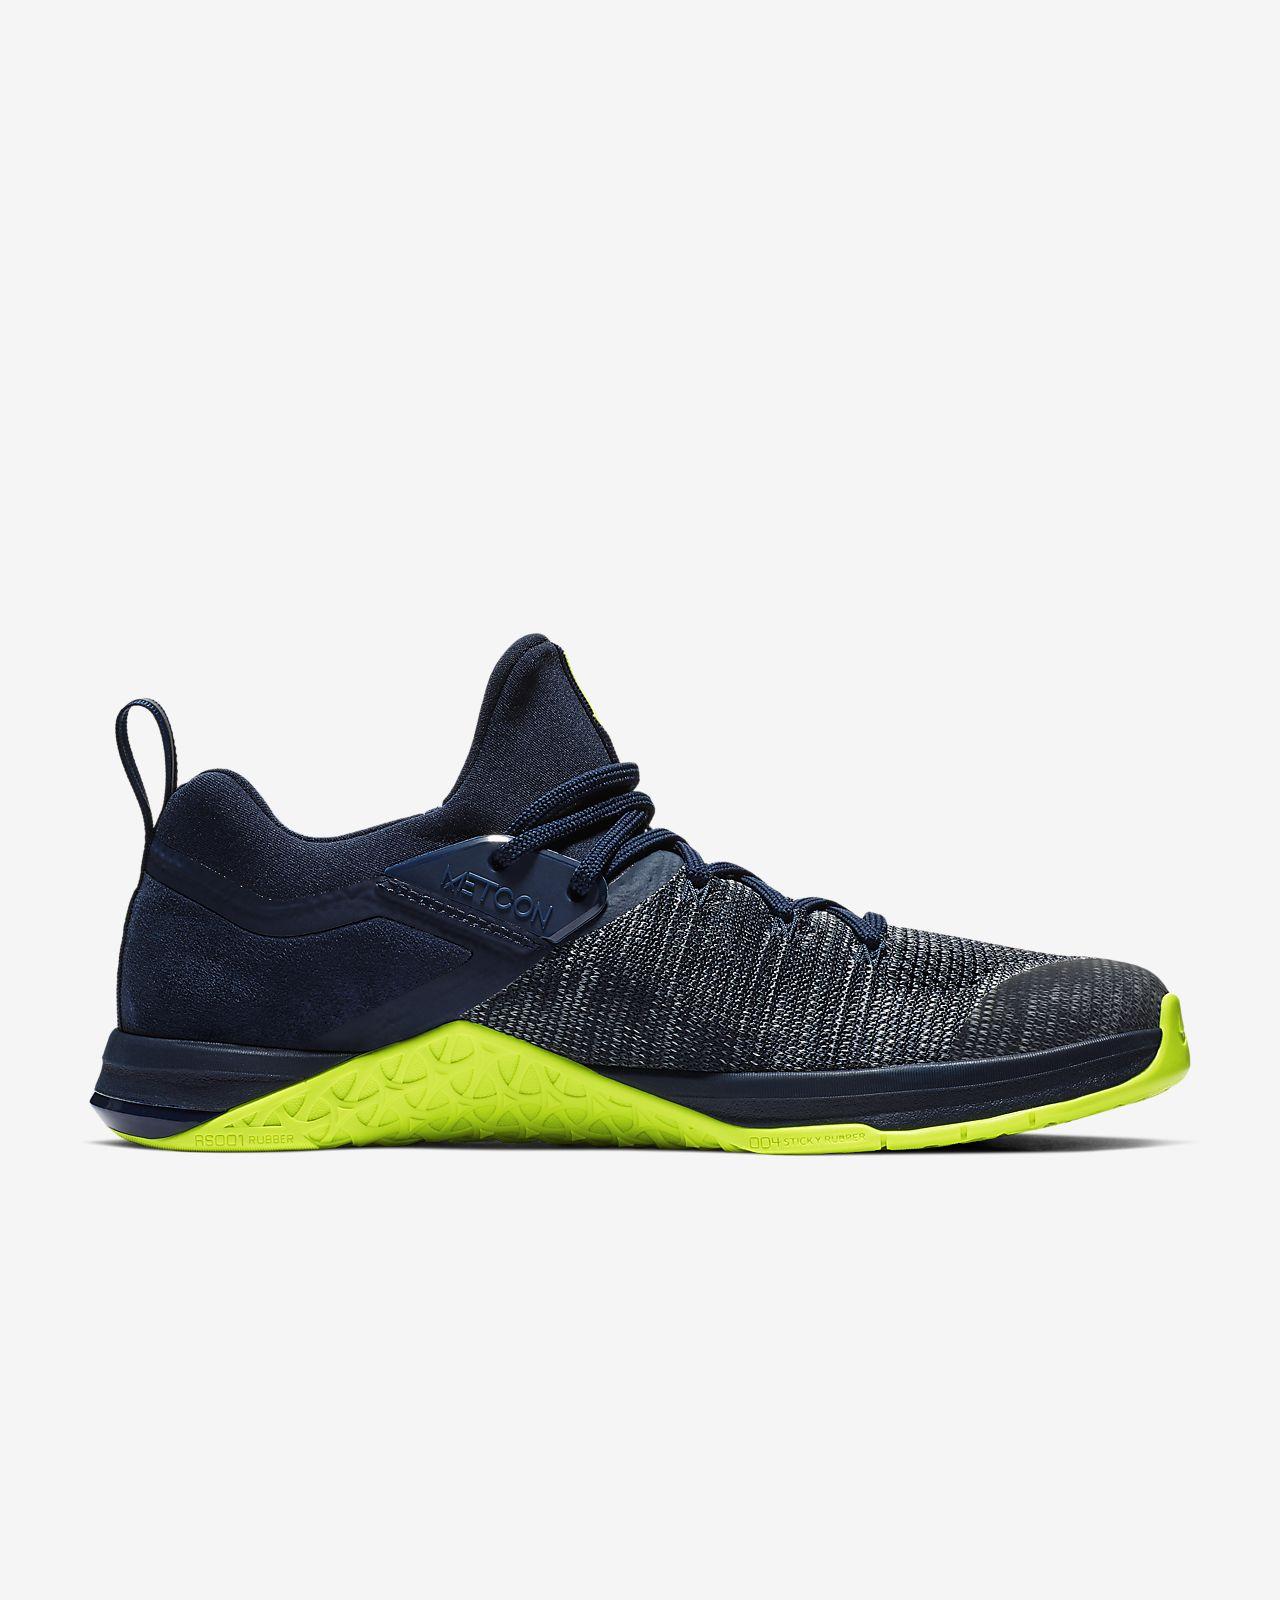 11ca4cc45da Nike Metcon Flyknit 3 Men s Cross-Training Weightlifting Shoe. Nike ...